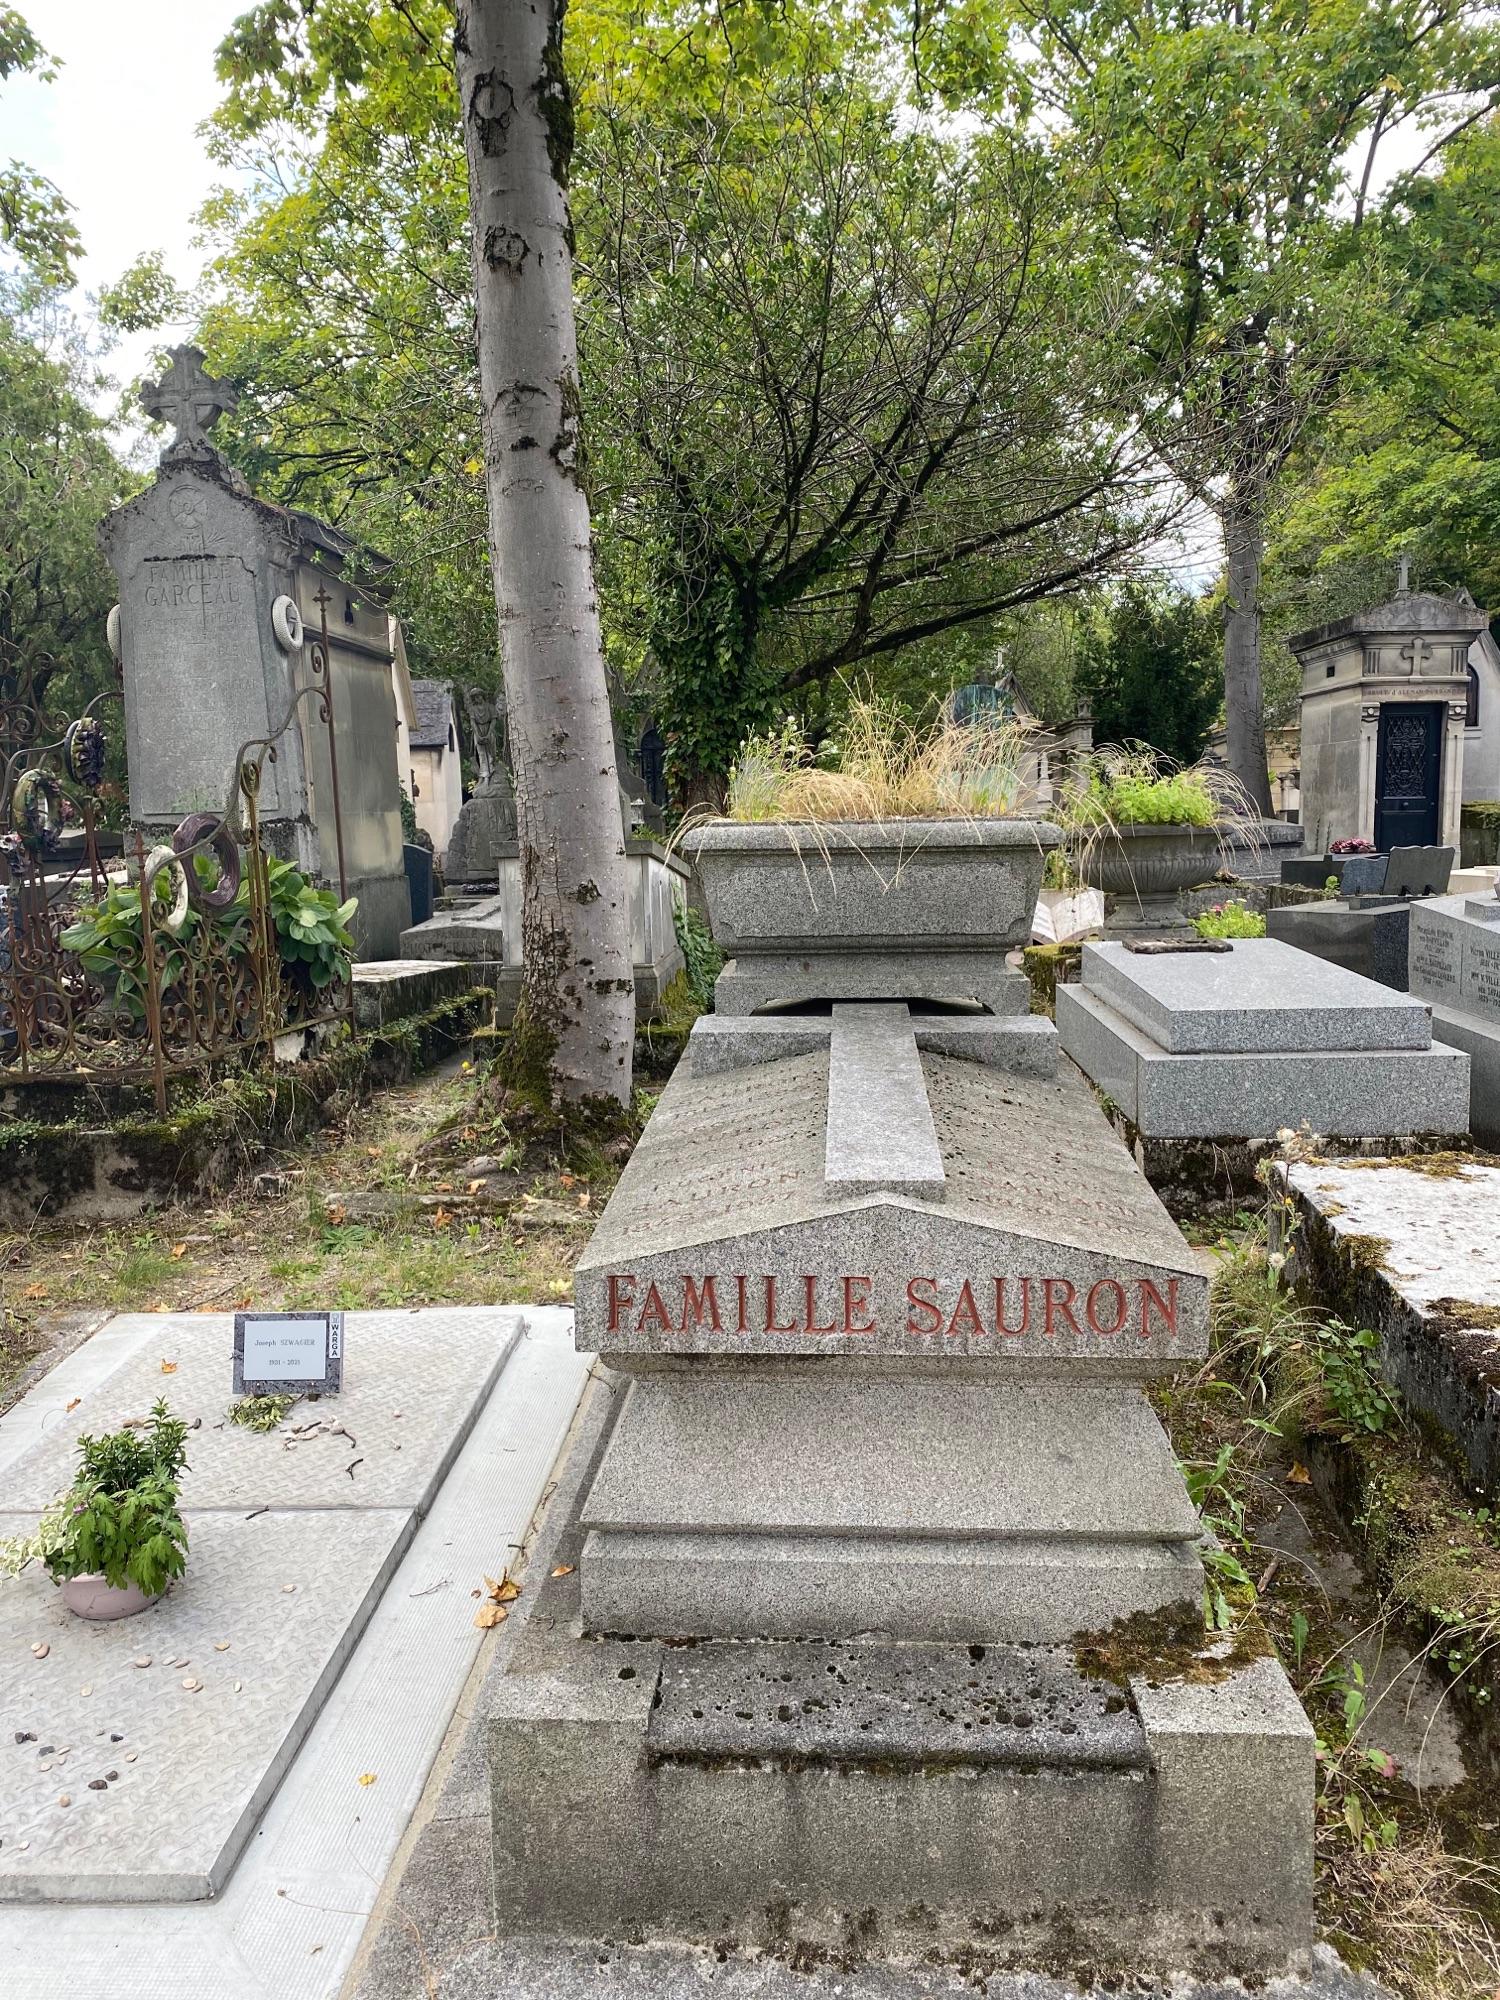 Были на кладбище Пер-Лашез, наткнулись на могилу Саурона